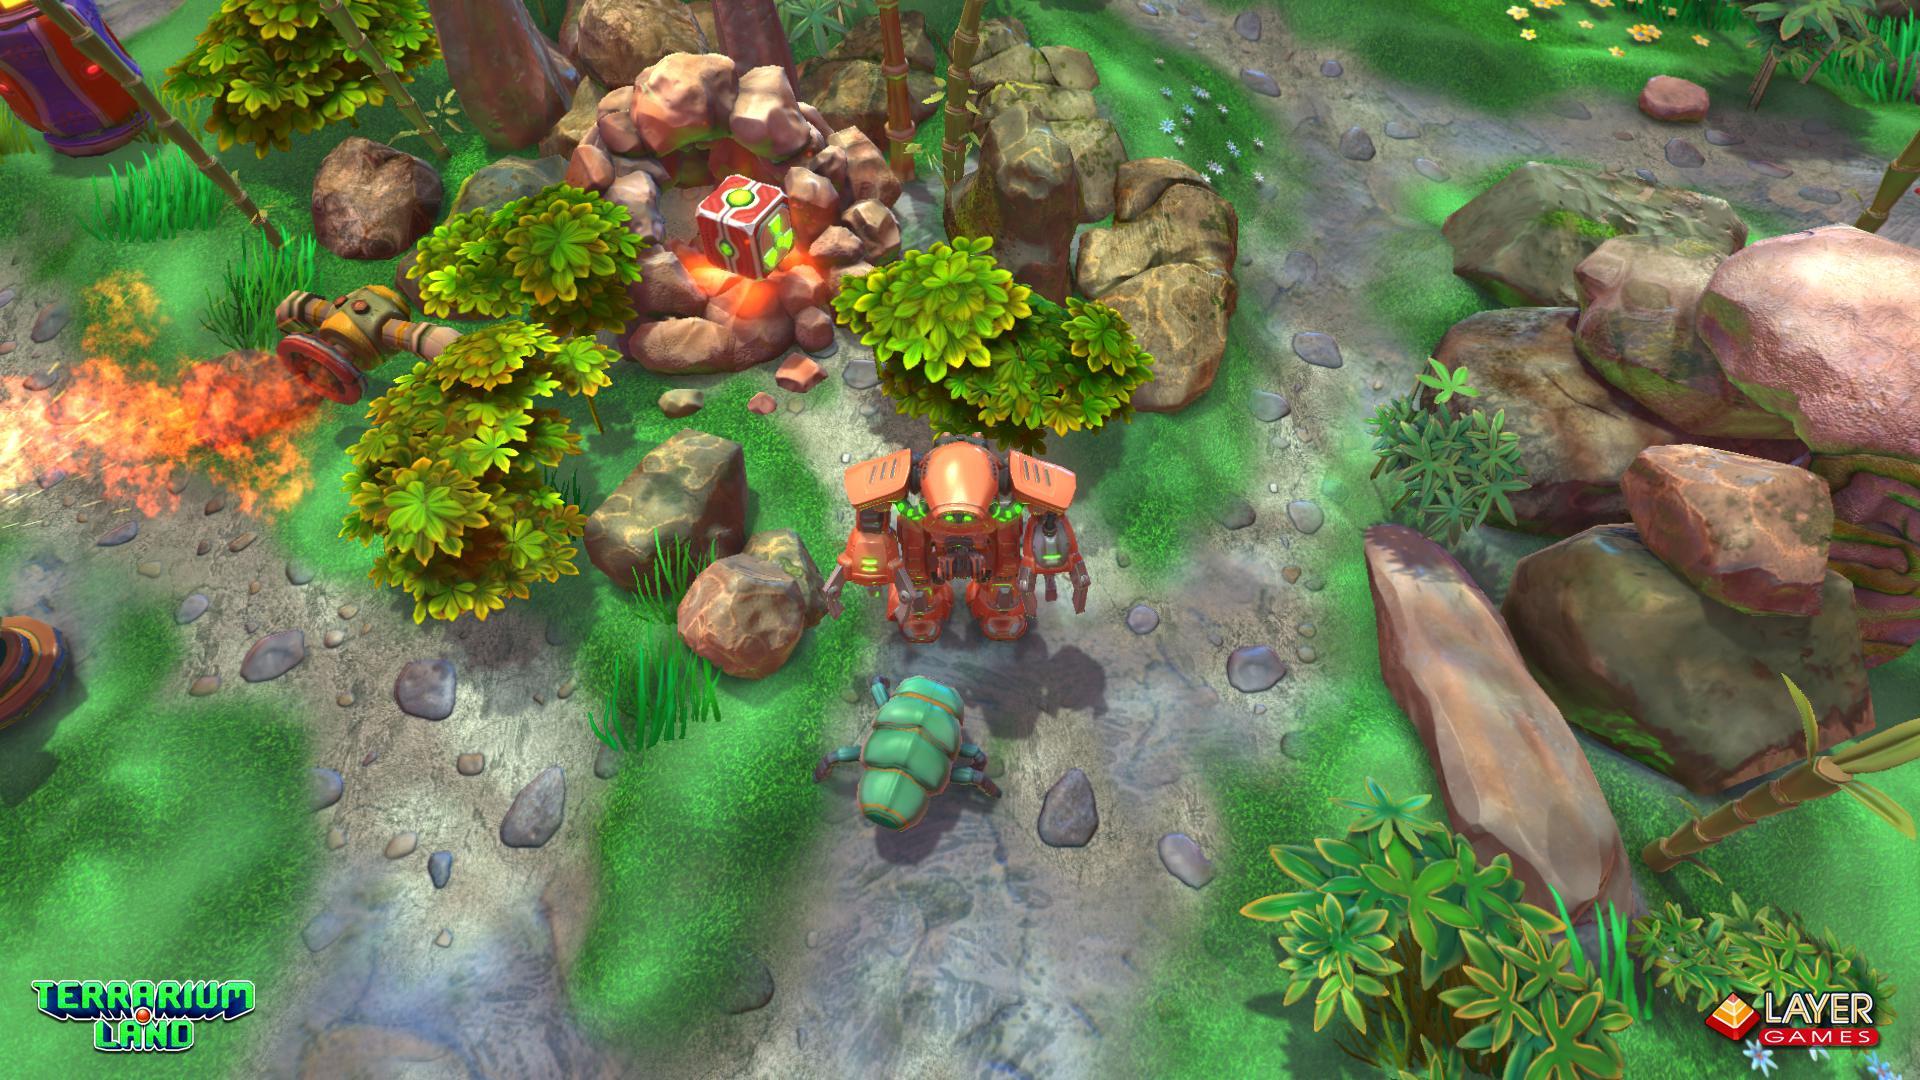 """3d игра """"Terrarium Land"""" весной выходит в Steam.. - Изображение 2"""